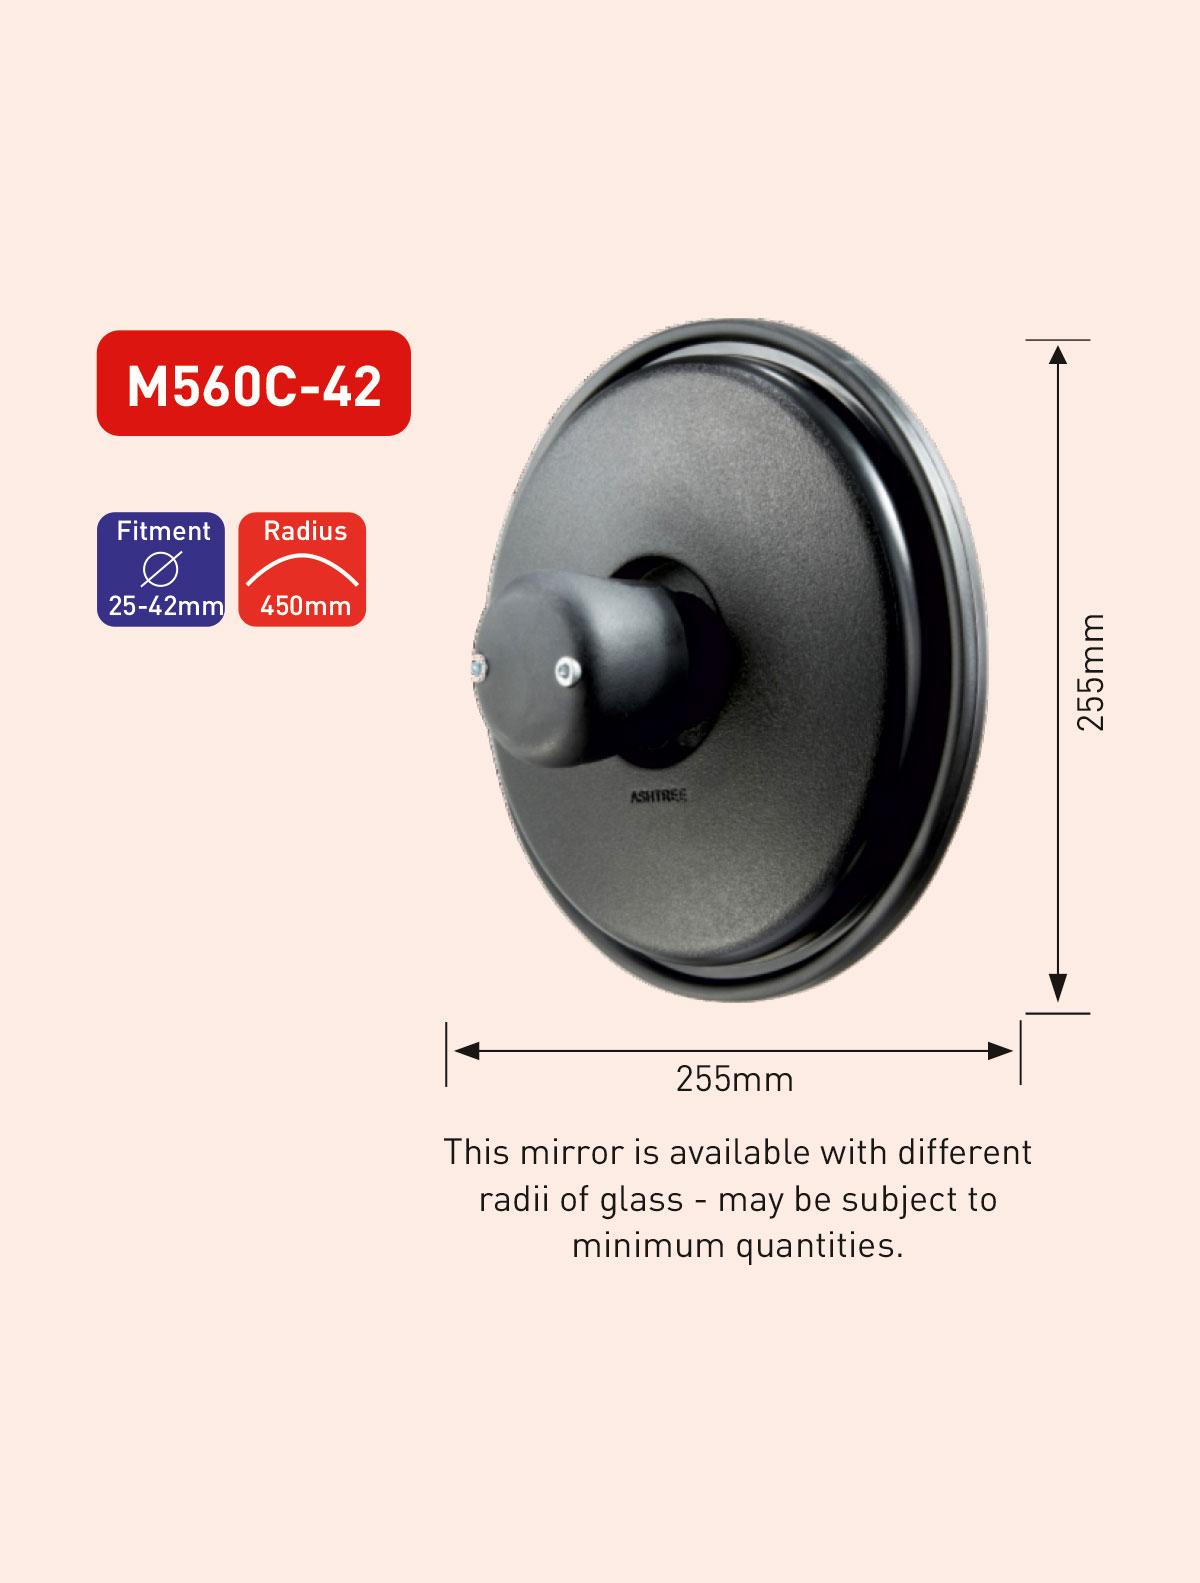 M560C-42